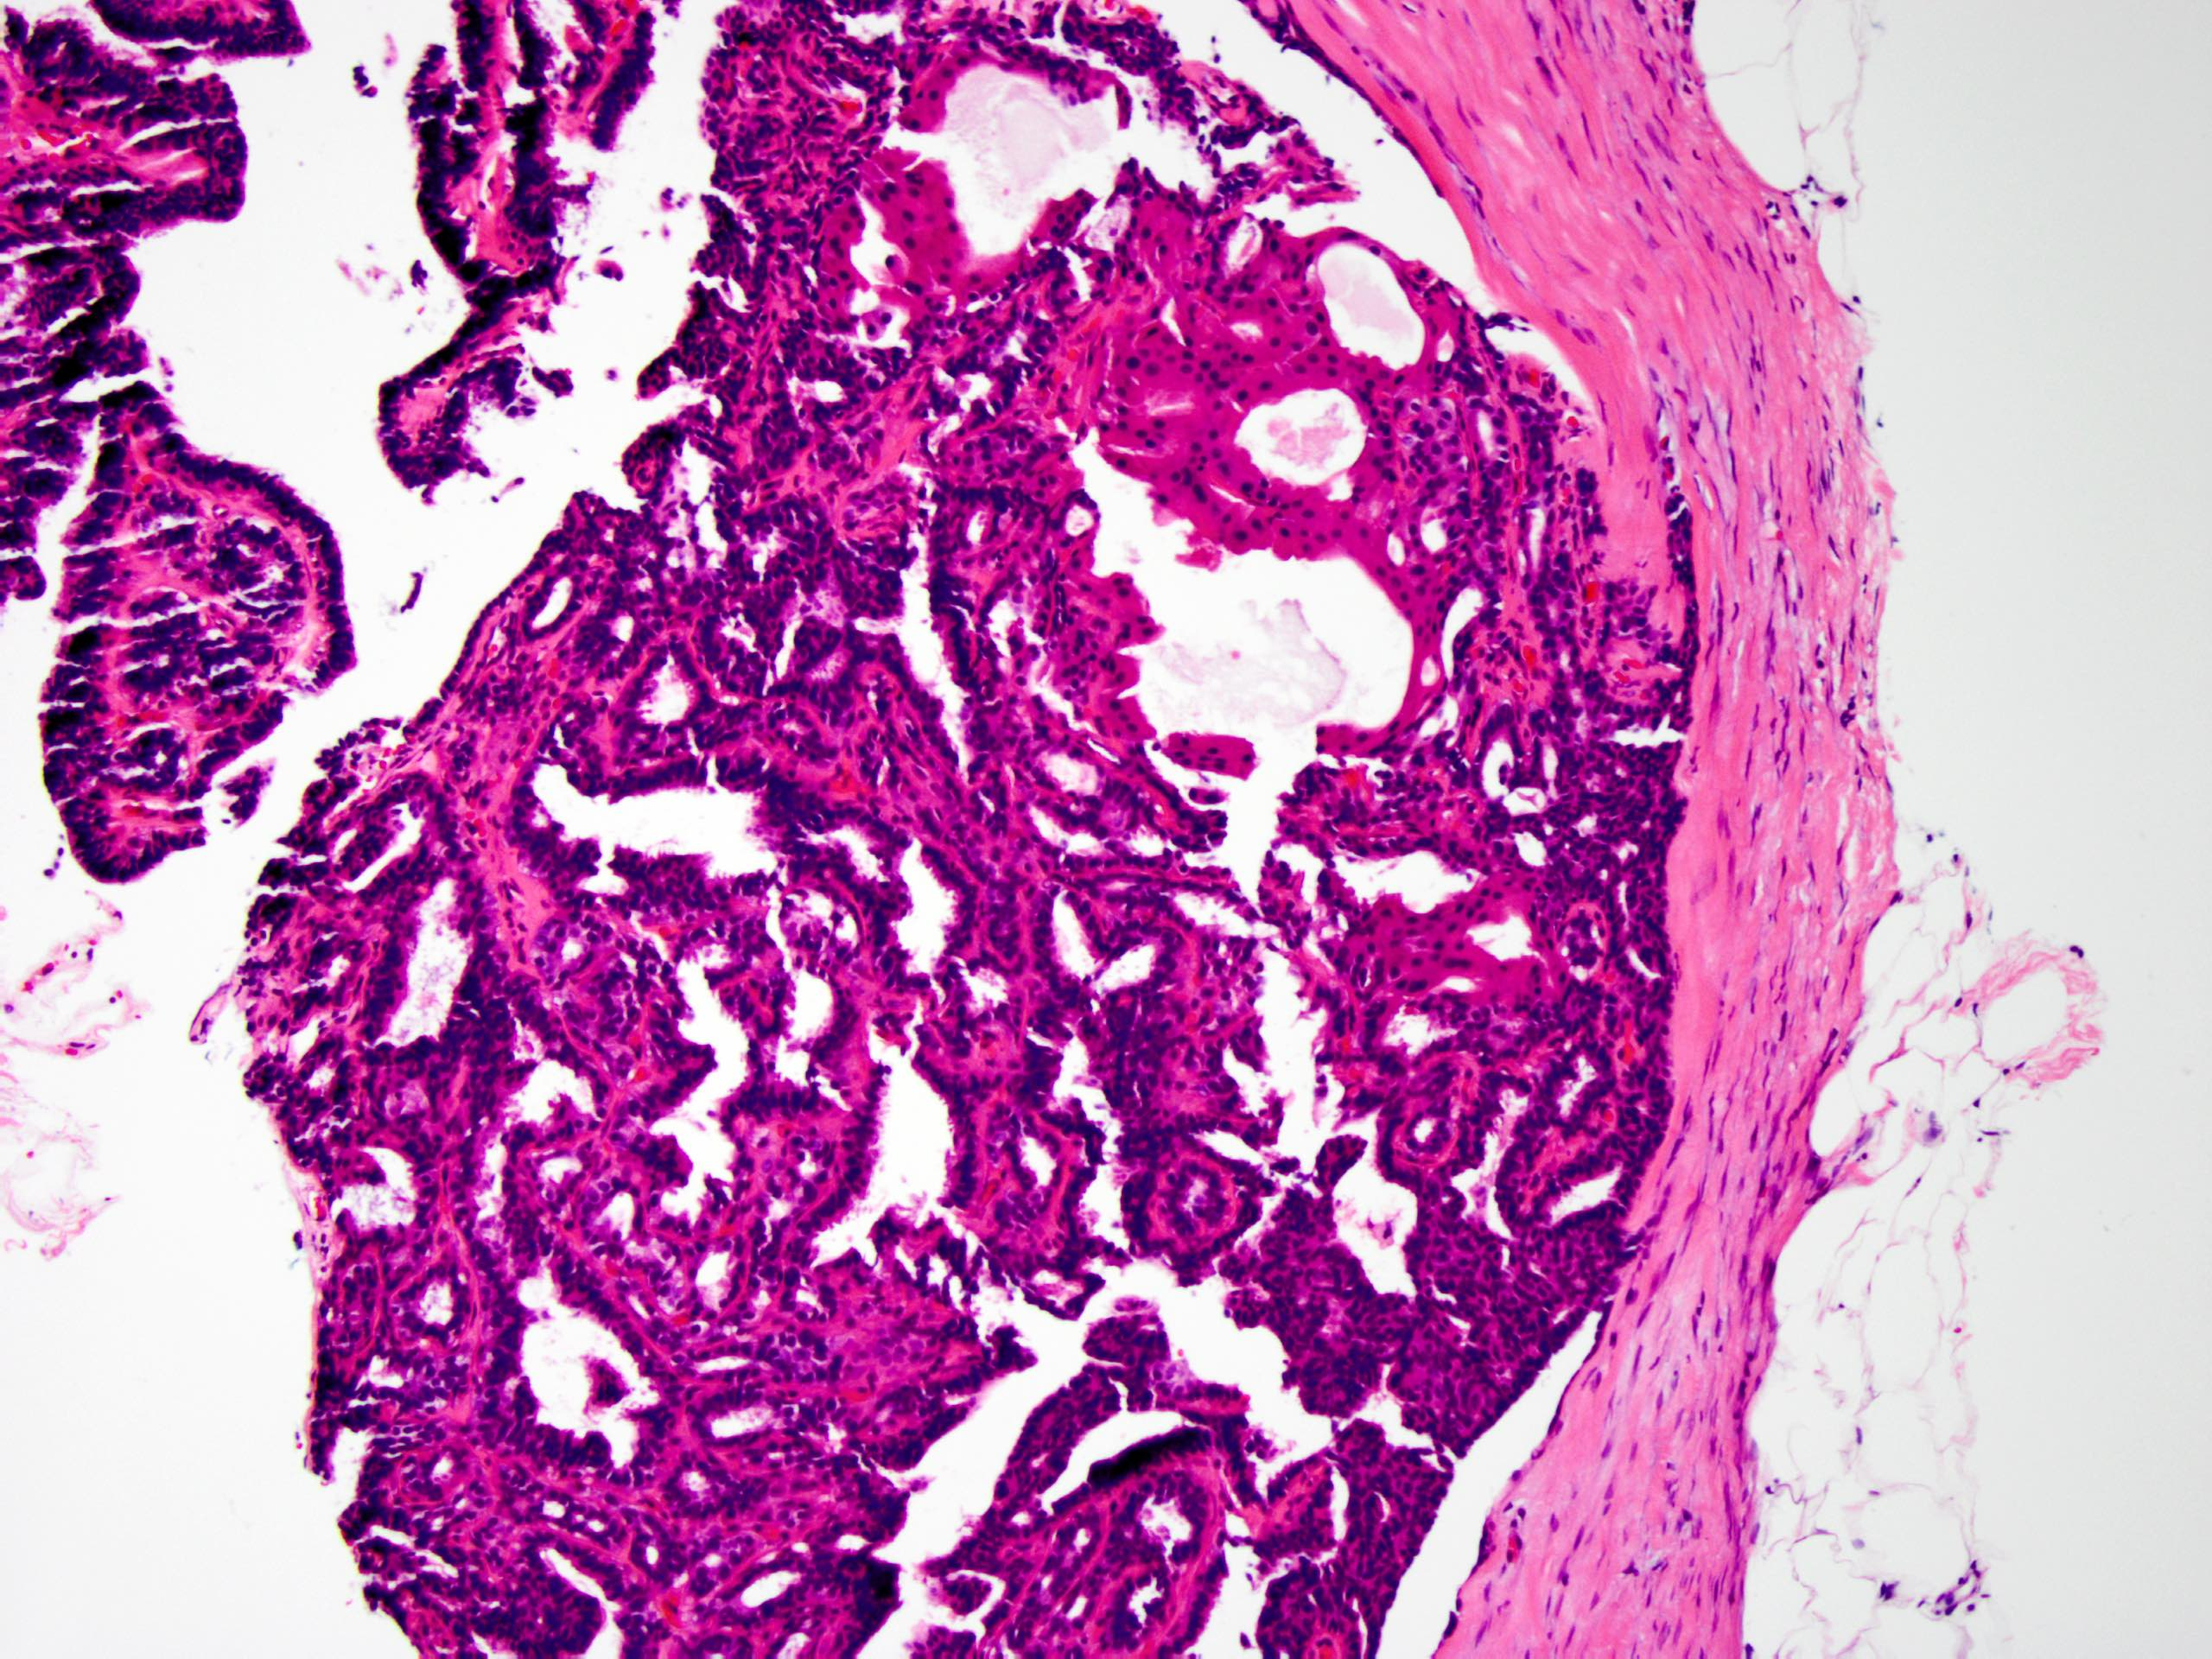 az intraductalis papillómák eltávolítását el kell távolítani